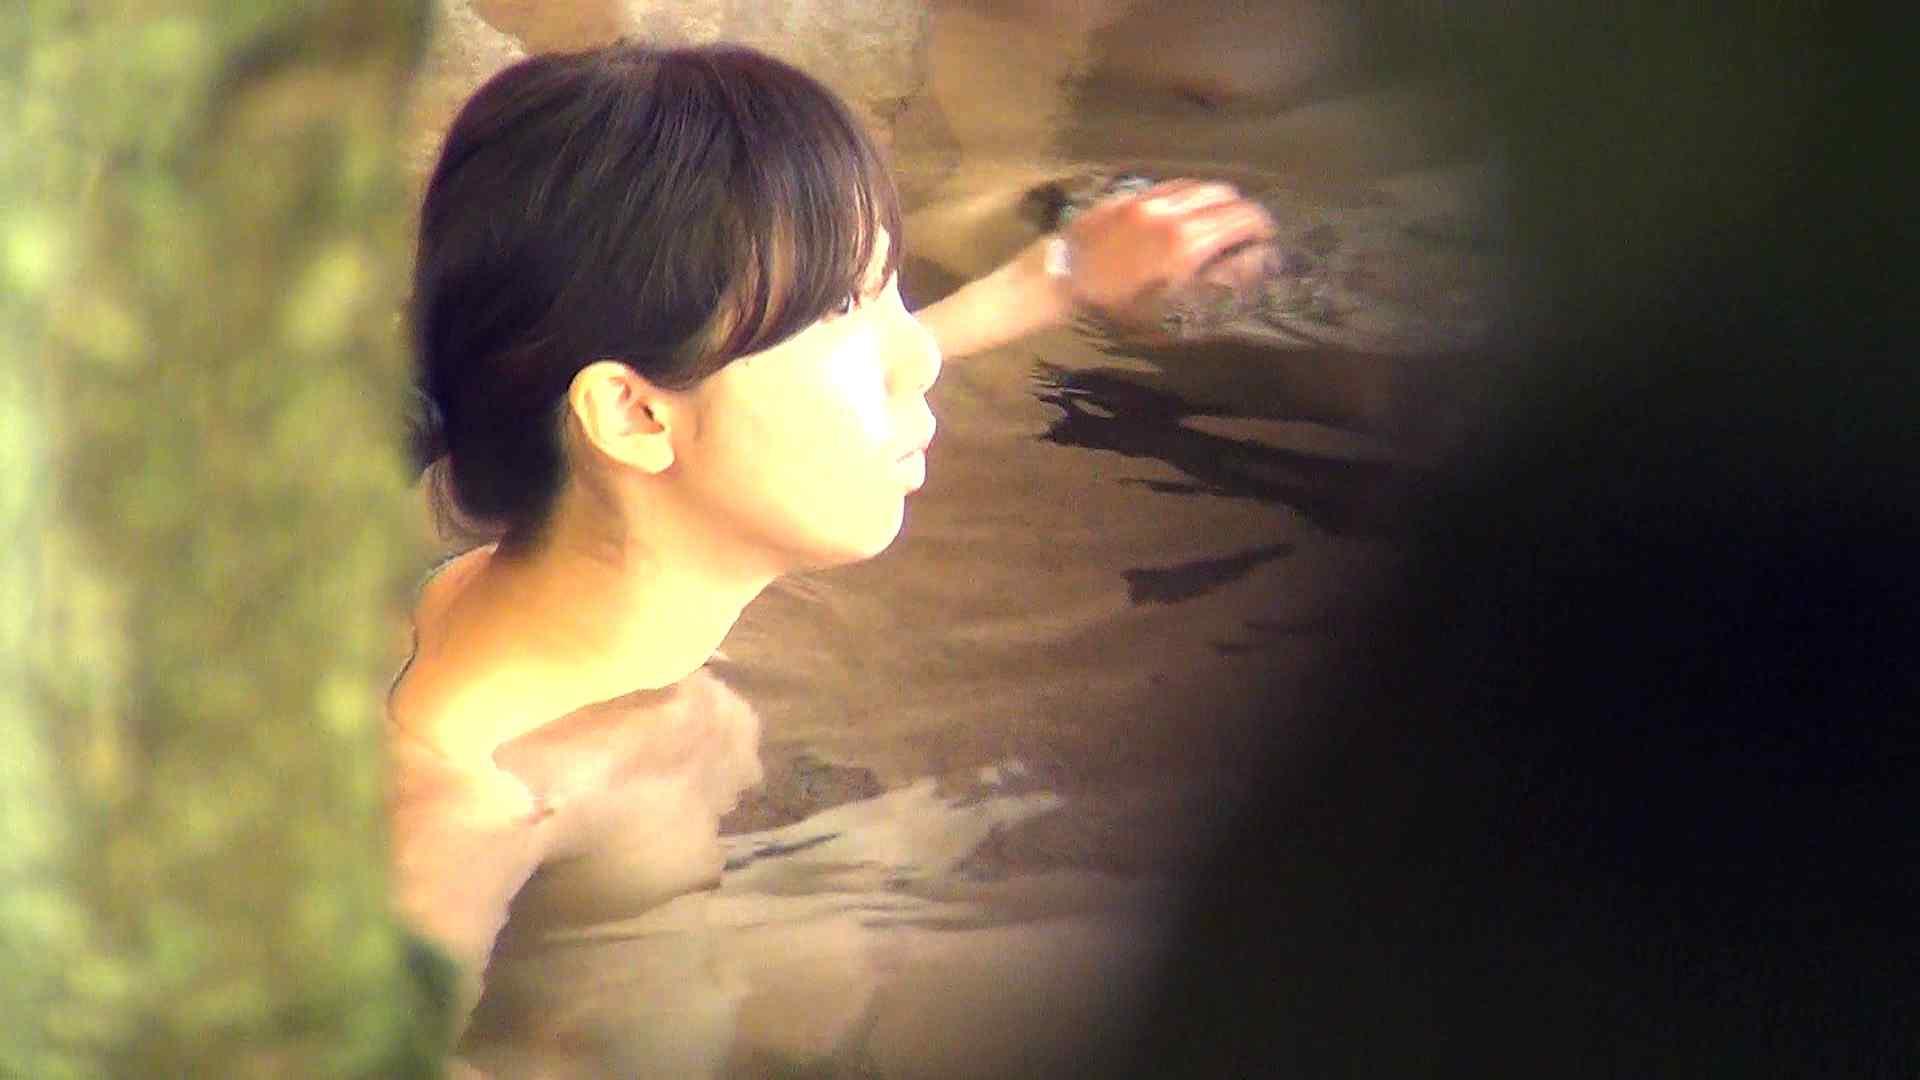 Aquaな露天風呂Vol.285 盗撮シリーズ  106PIX 12